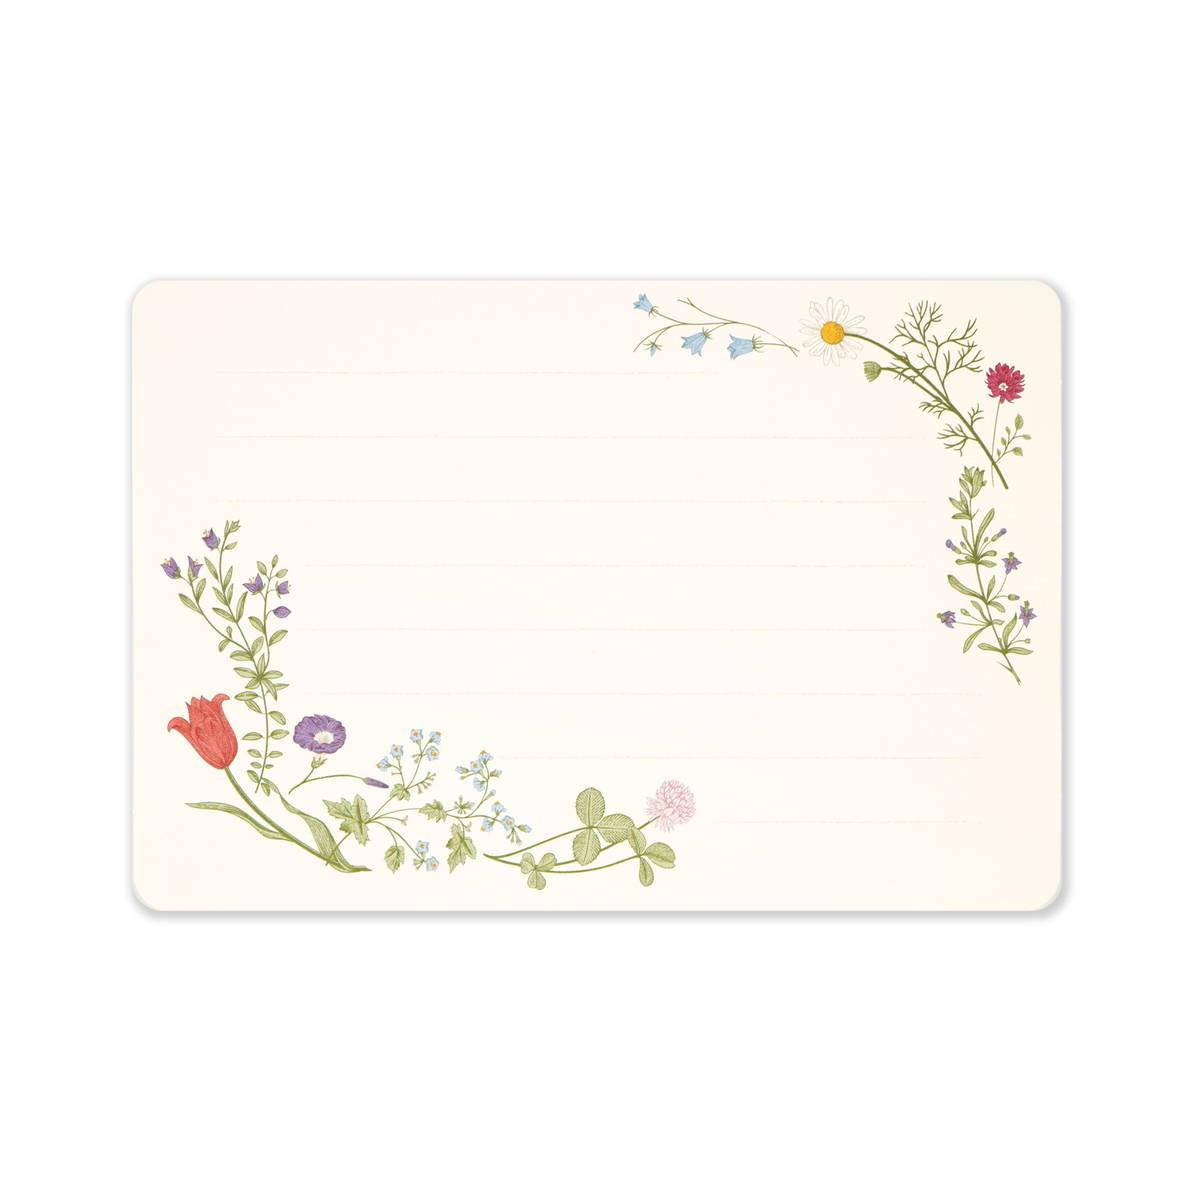 ミニレターセット 春の息吹|mls-128